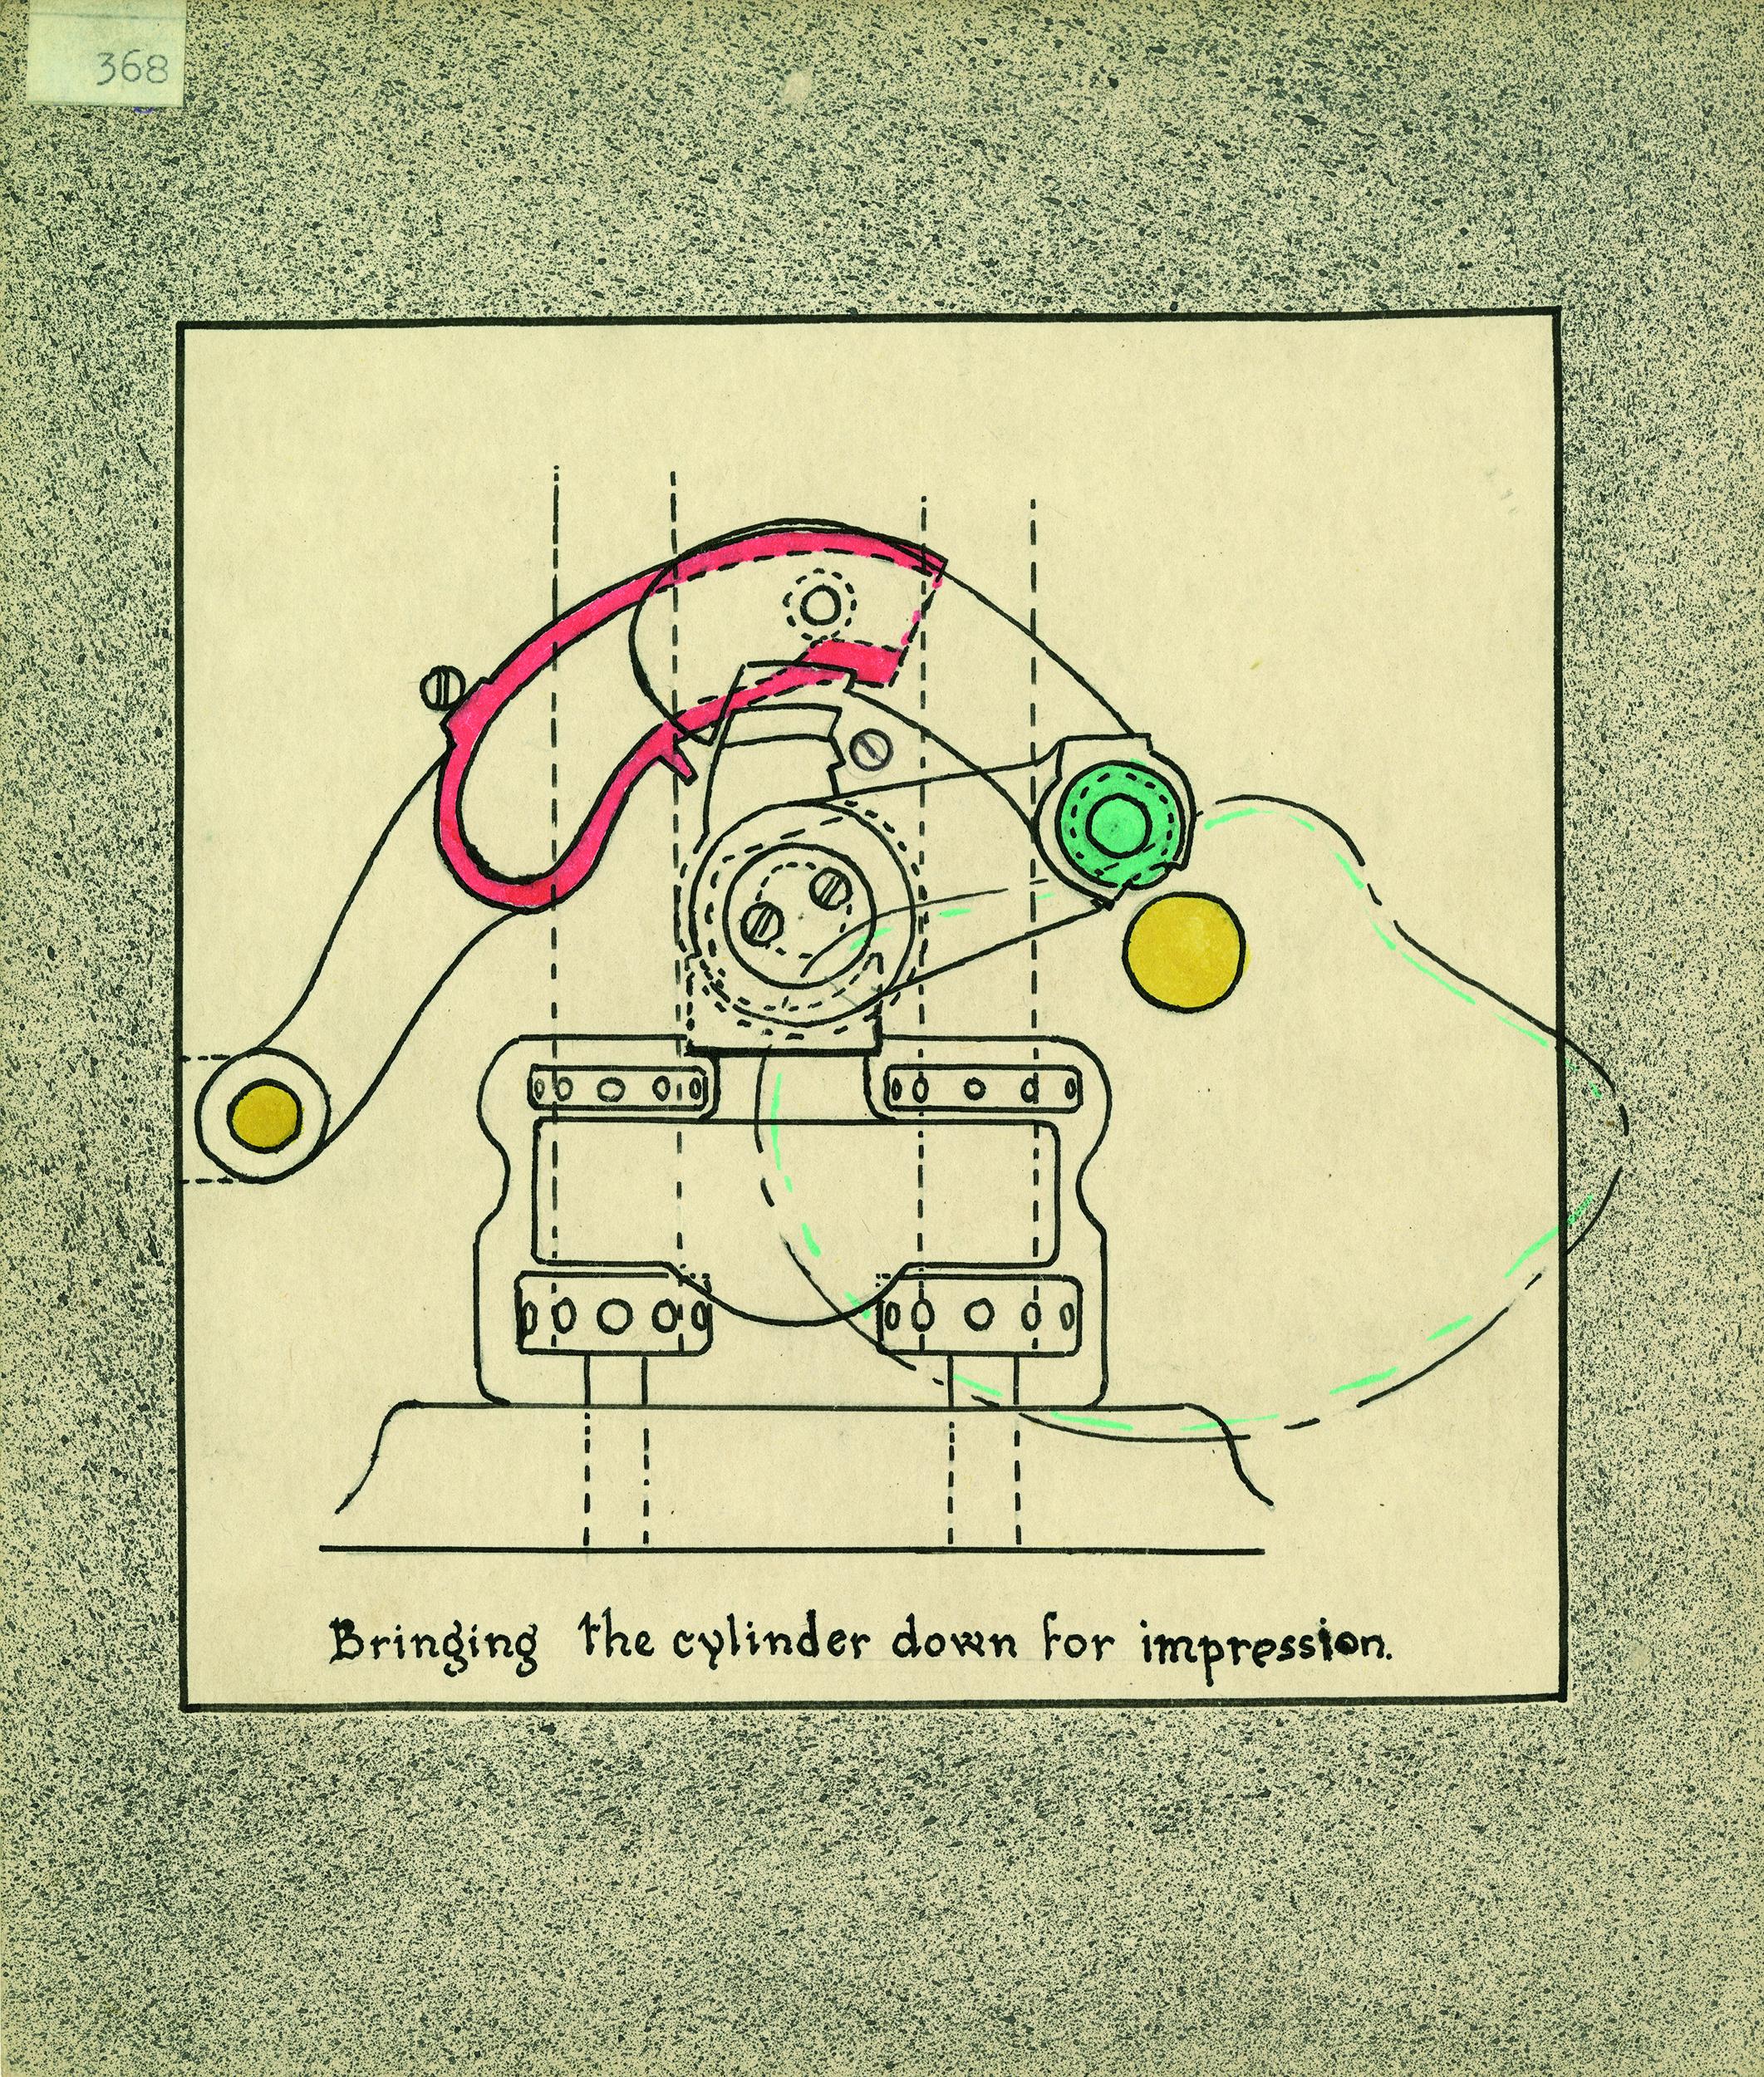 Printed diagram